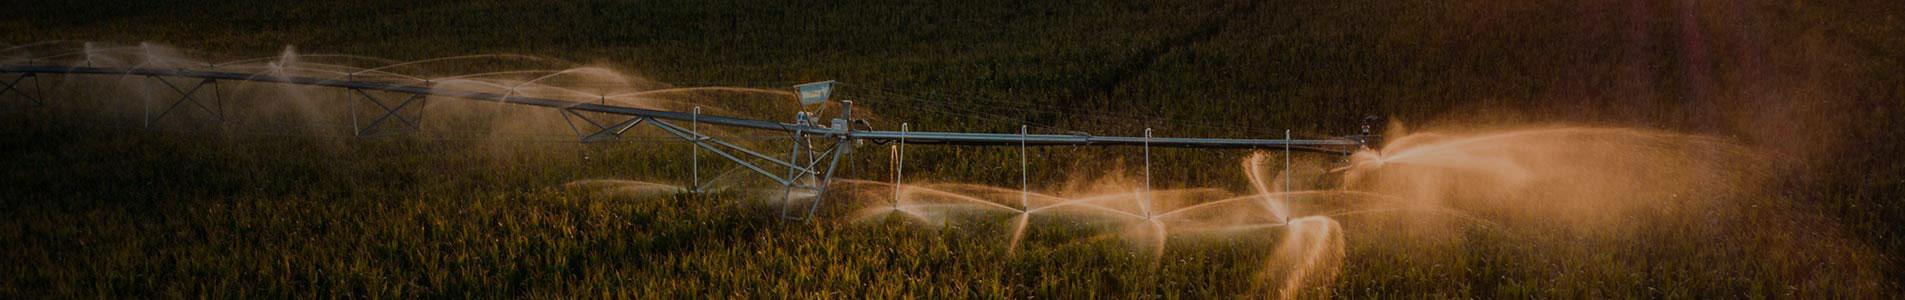 valley irrigation media